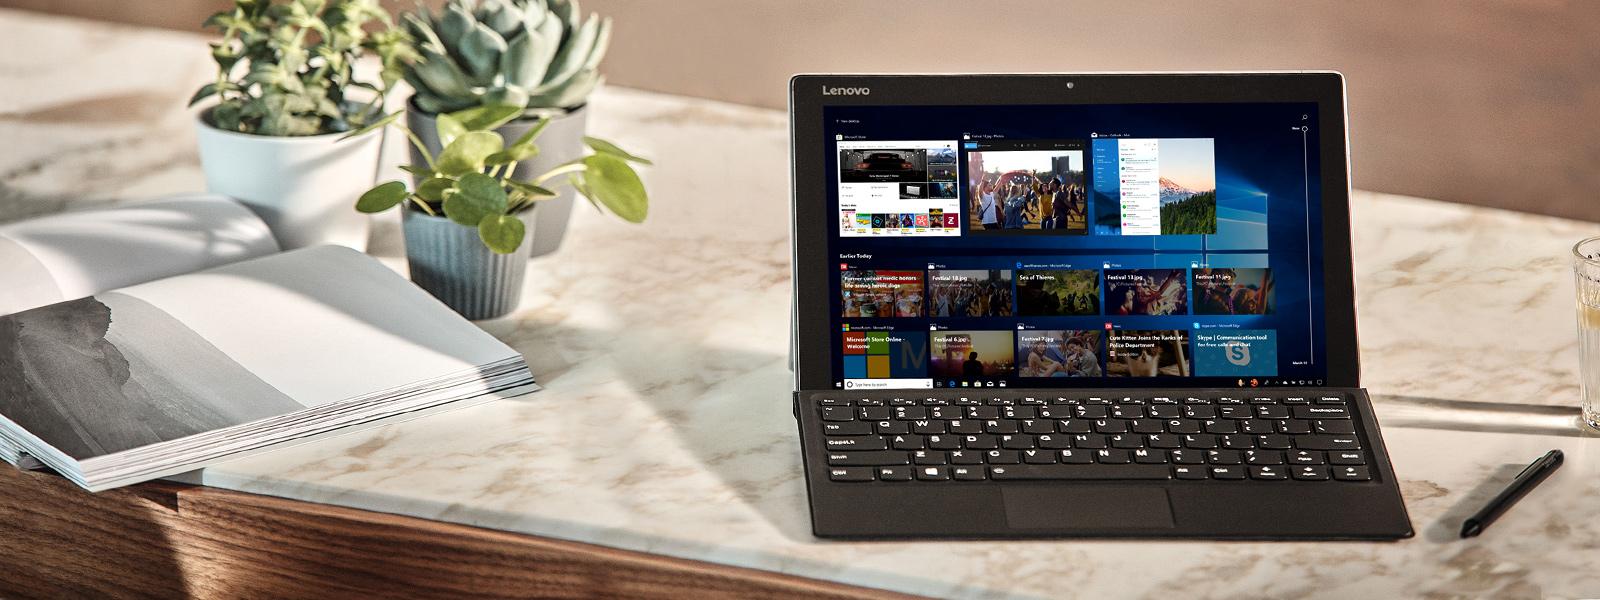 Tela de computador mostrando a atualização de abril de 2018 para o Windows 10